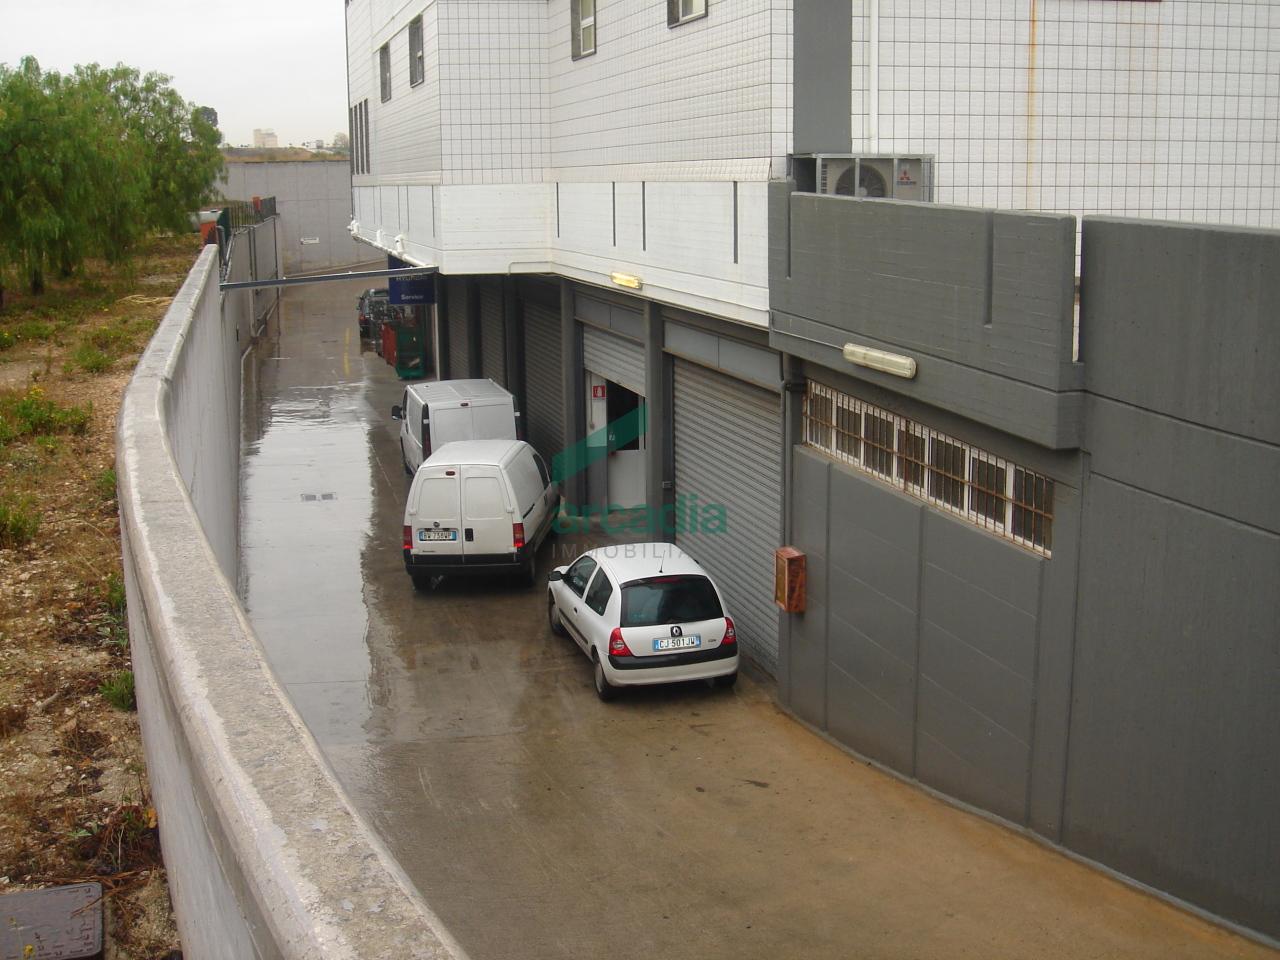 Locale - Deposito C/2 a Zona industriale, Bari Rif. 10491886